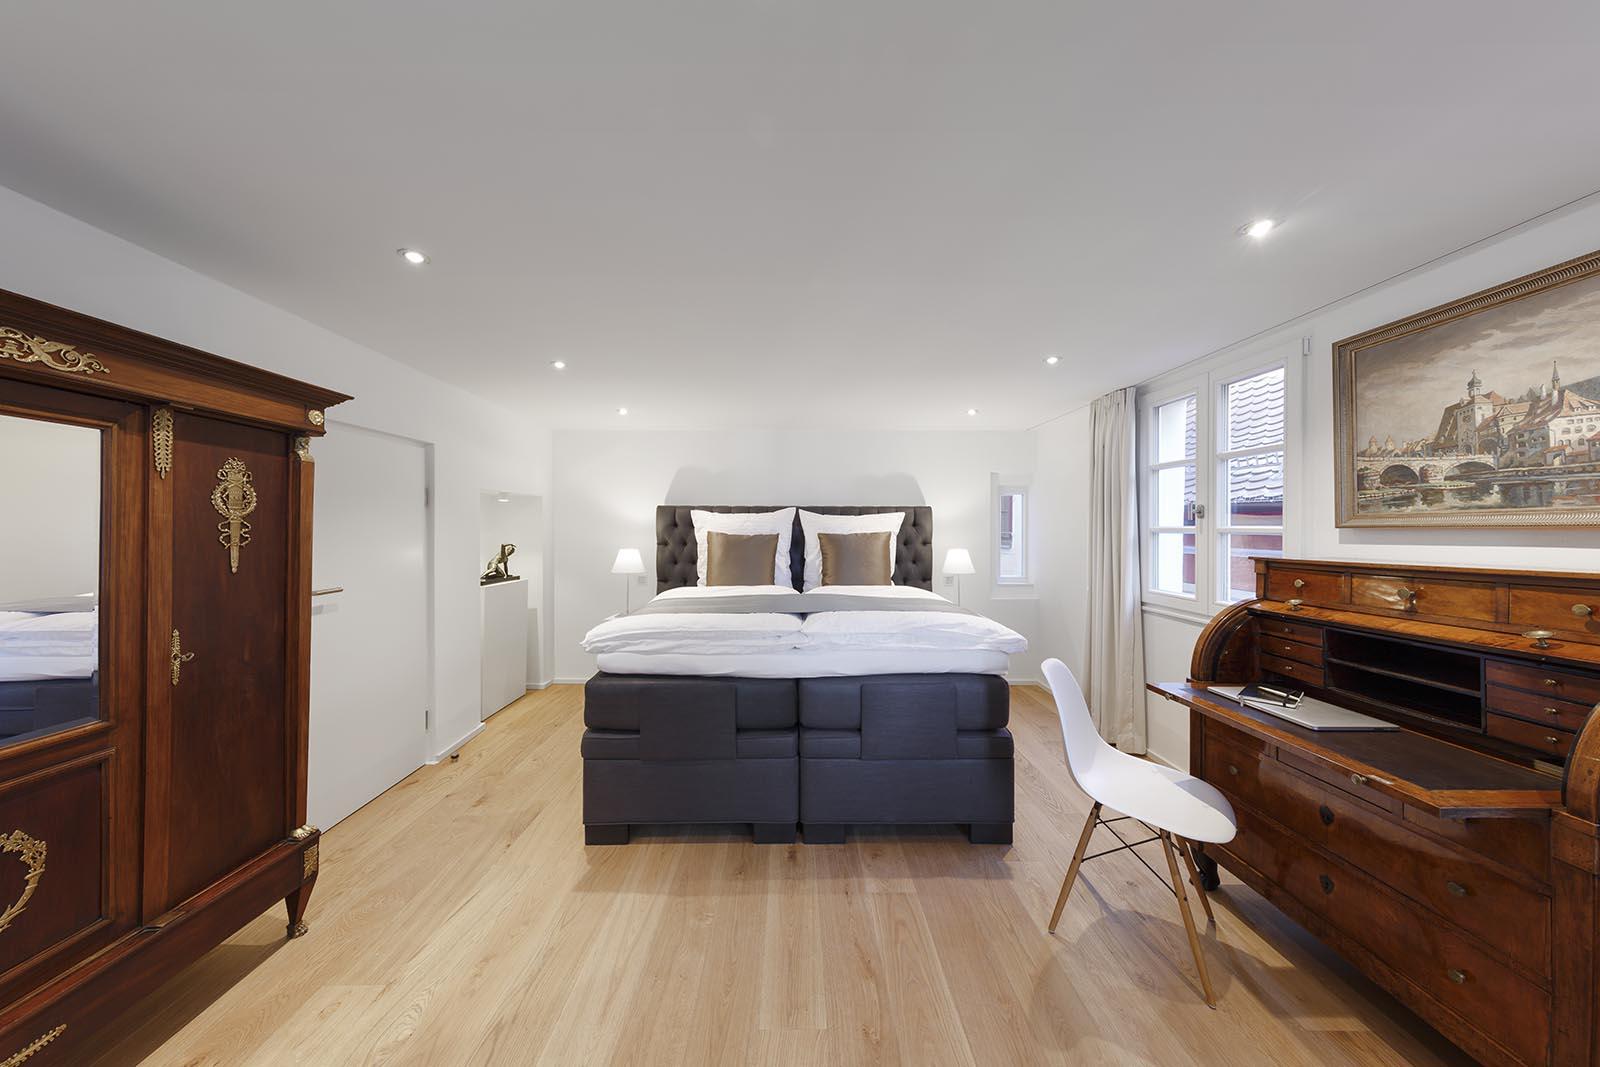 domresidenz in regensburg. Black Bedroom Furniture Sets. Home Design Ideas